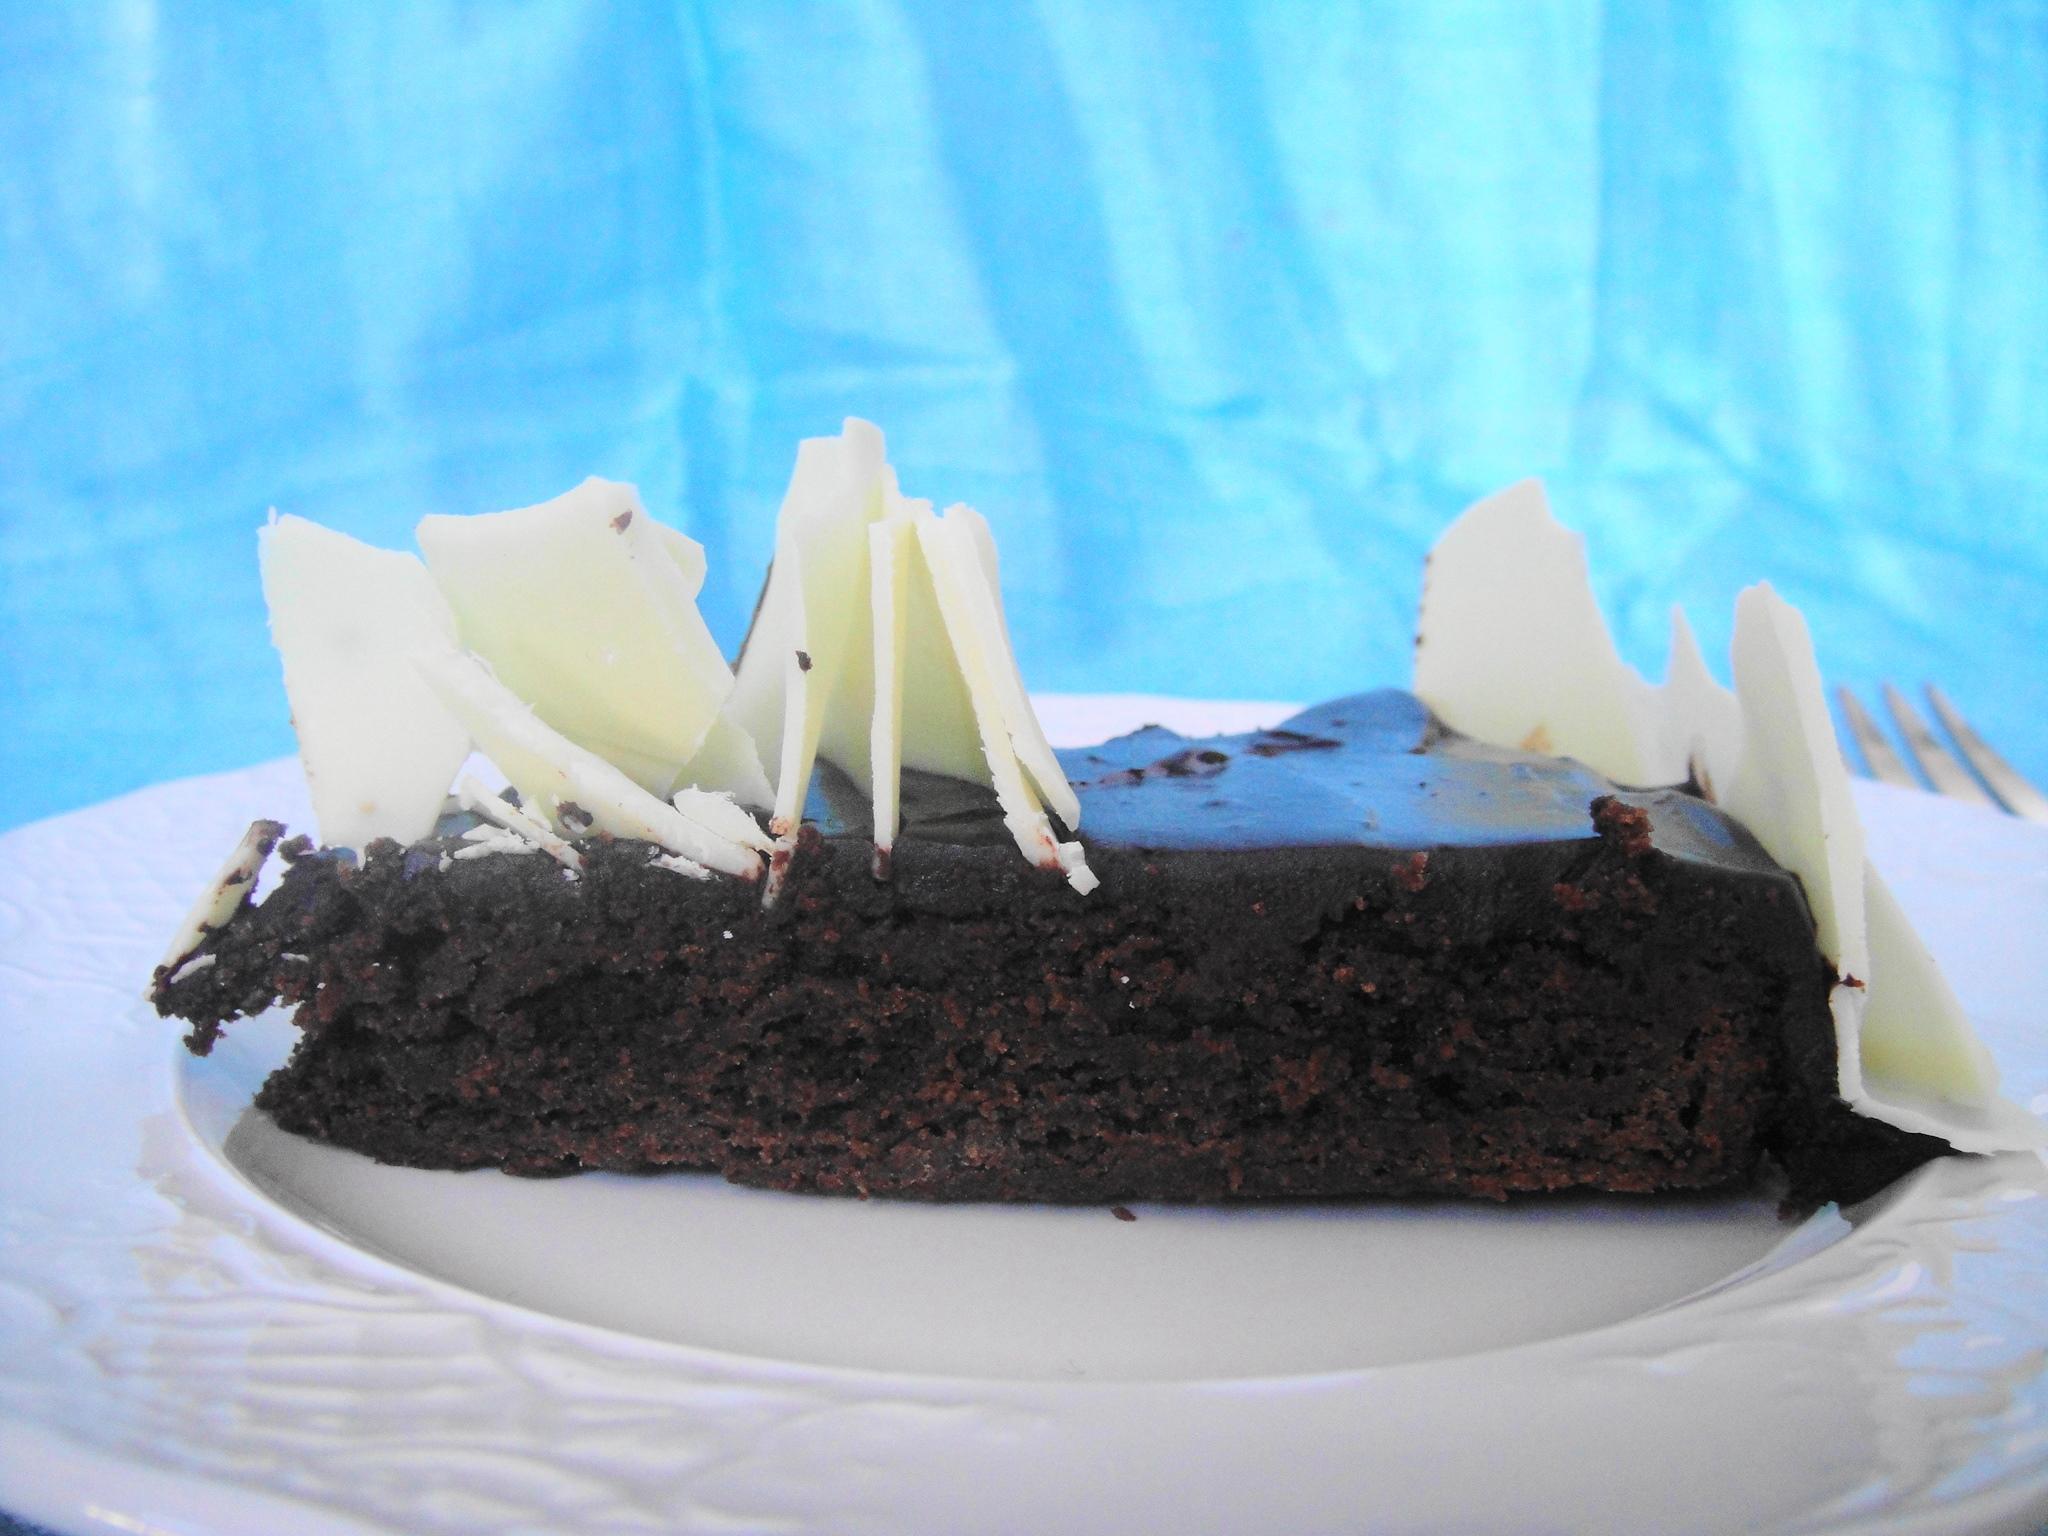 slice of torte